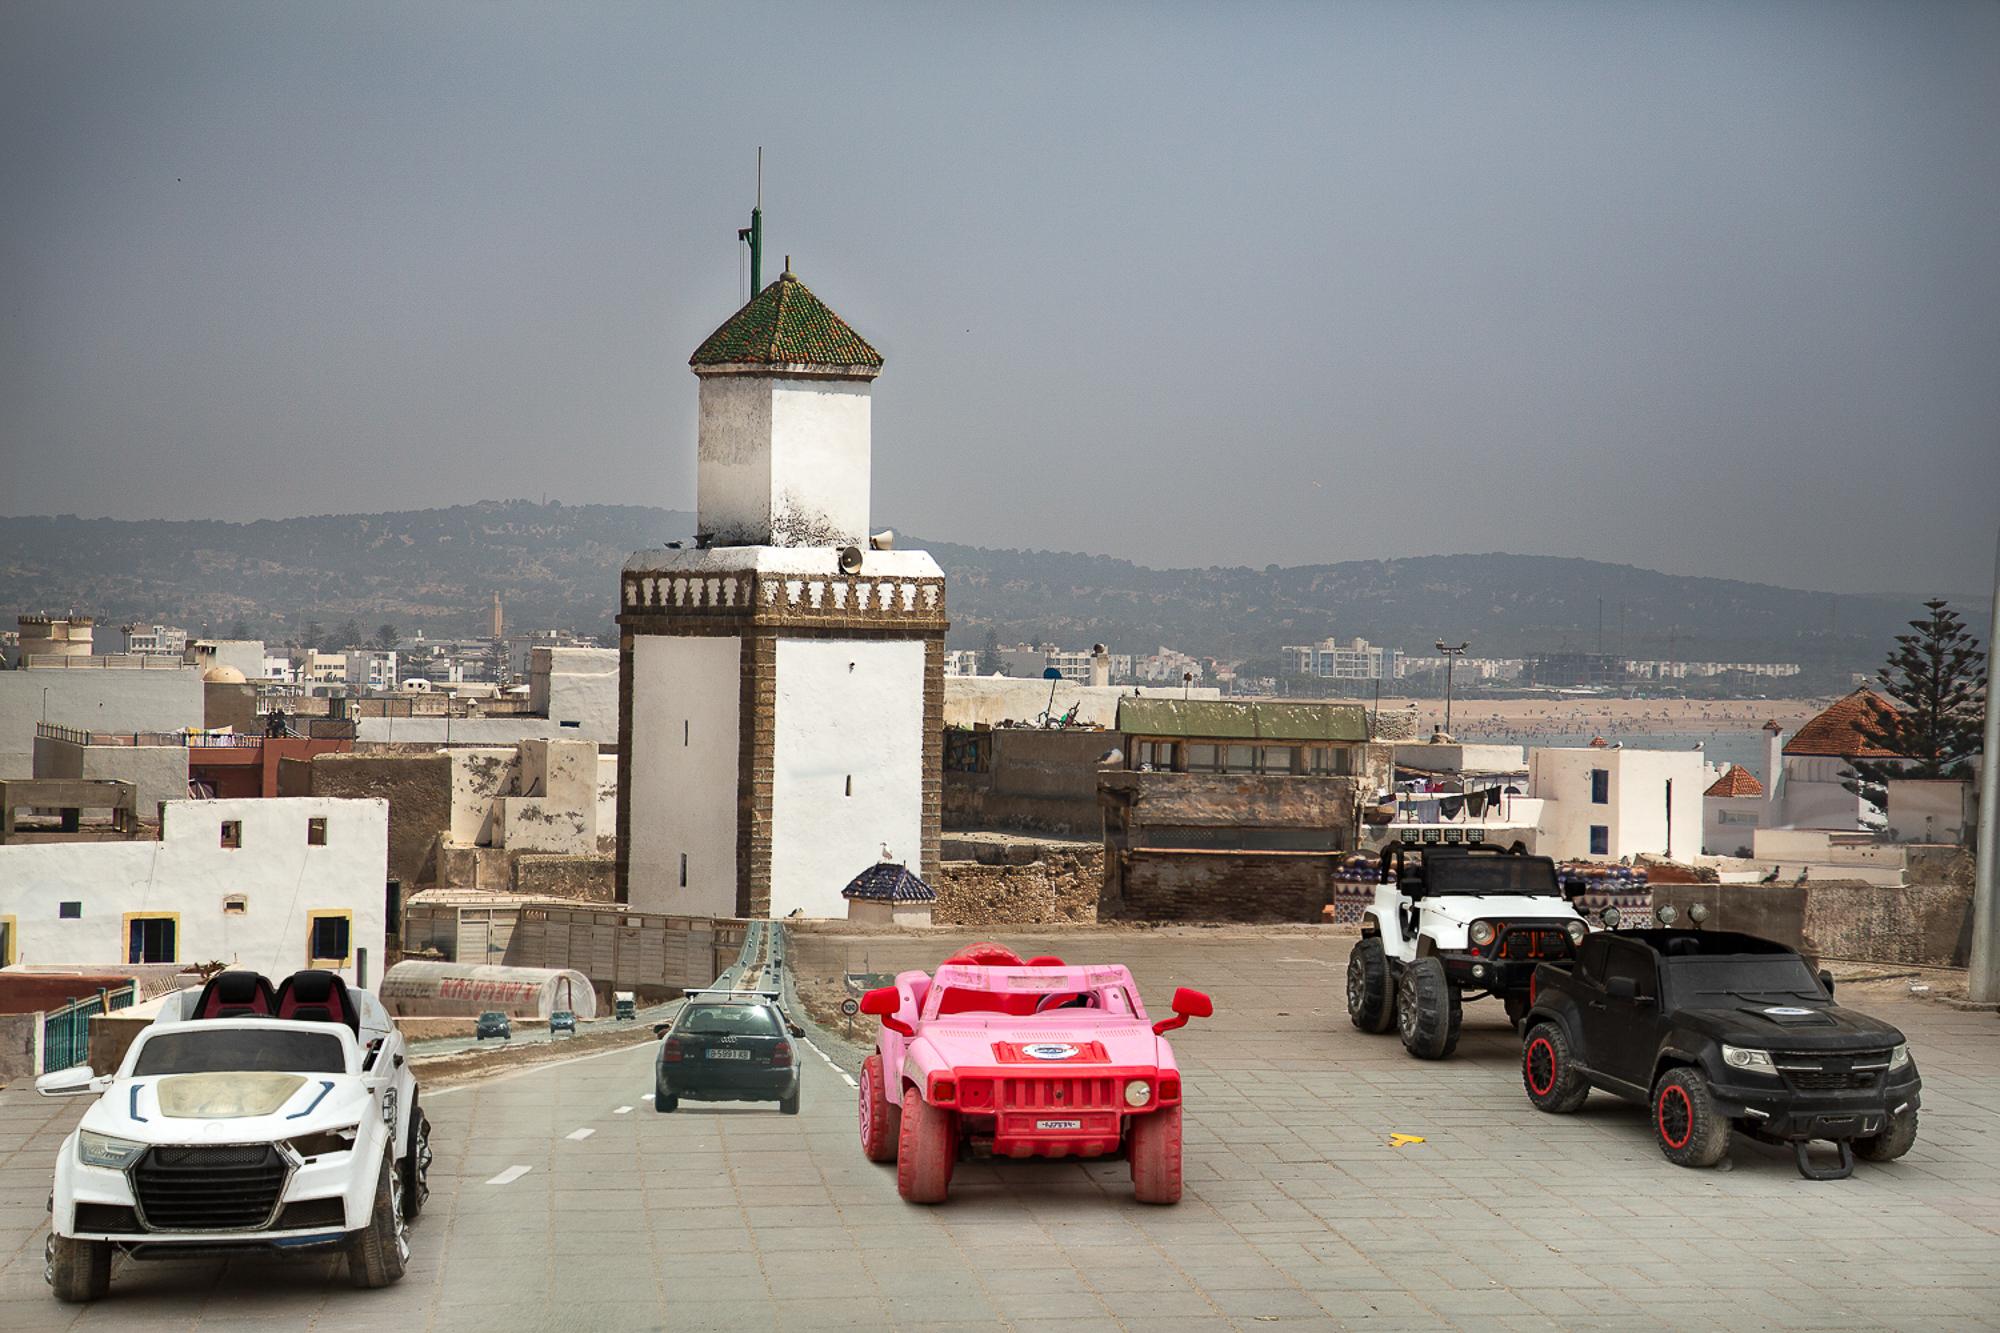 Little Cars, Essaouira, 2018